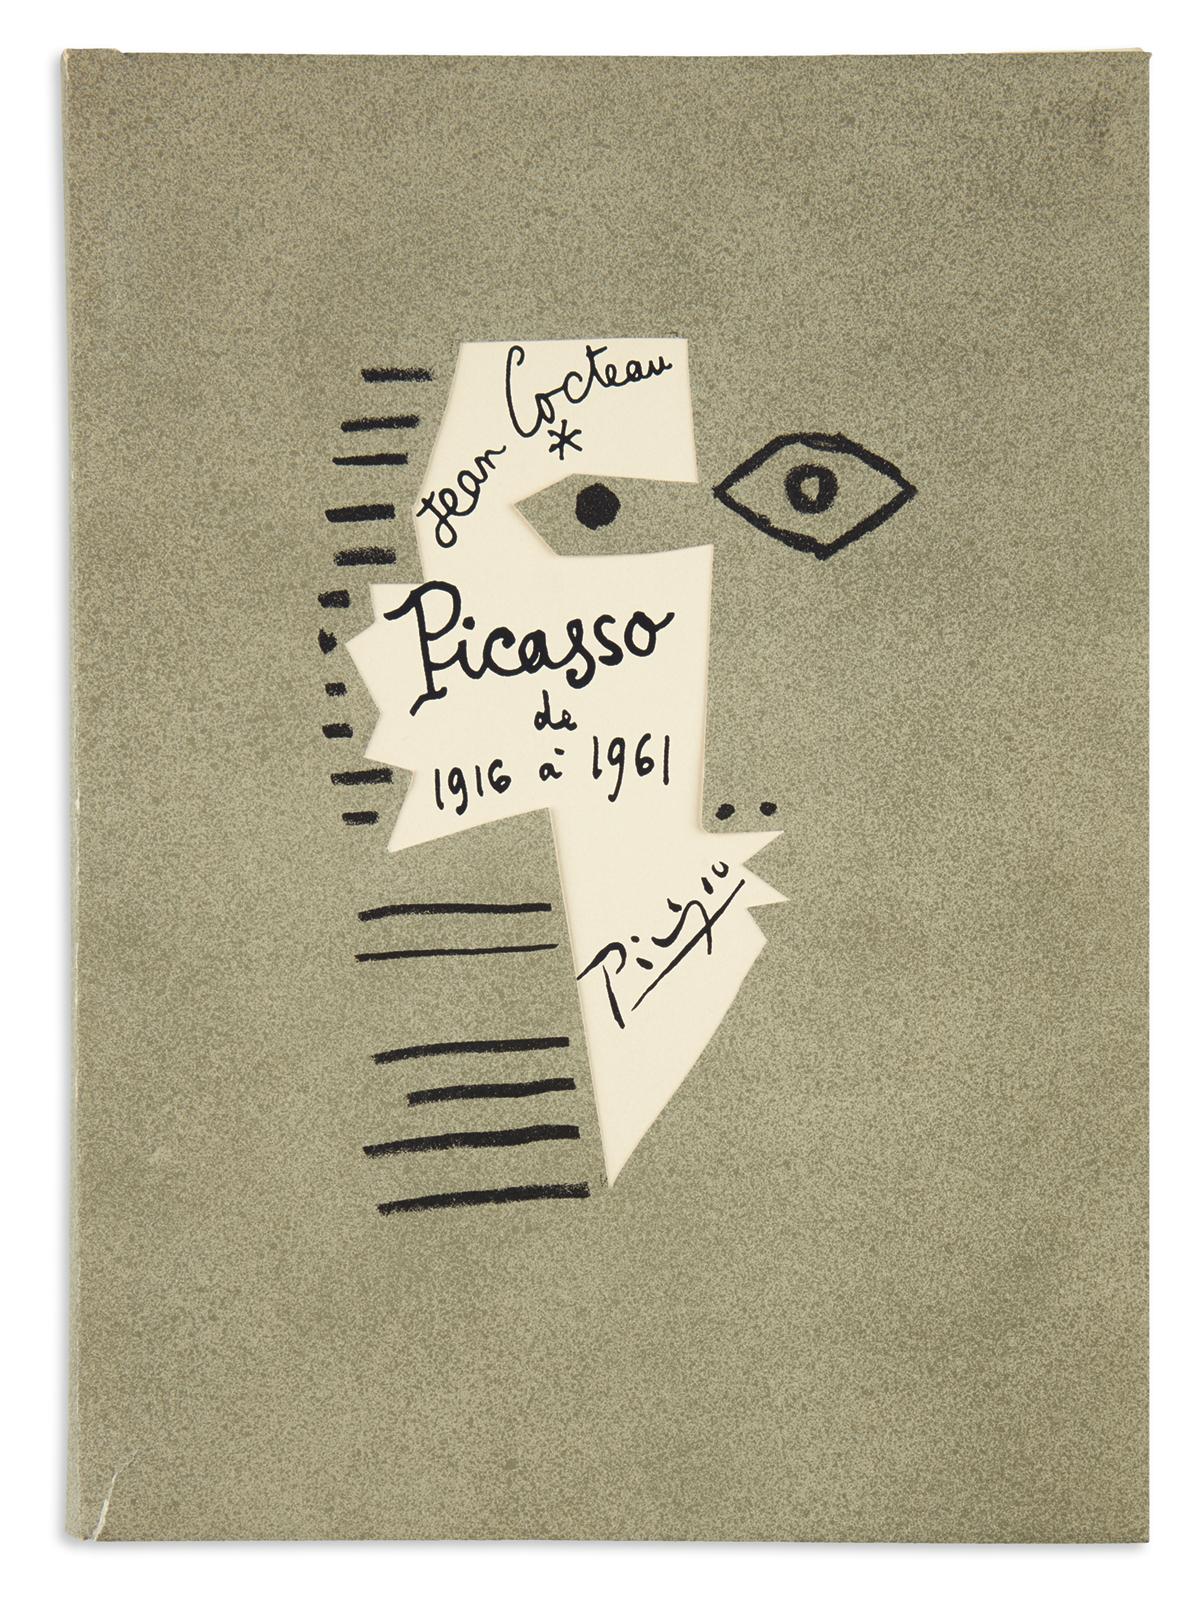 (PICASSO, PABLO.) Cocteau, Jean. Picasso de 1916 à 1961.